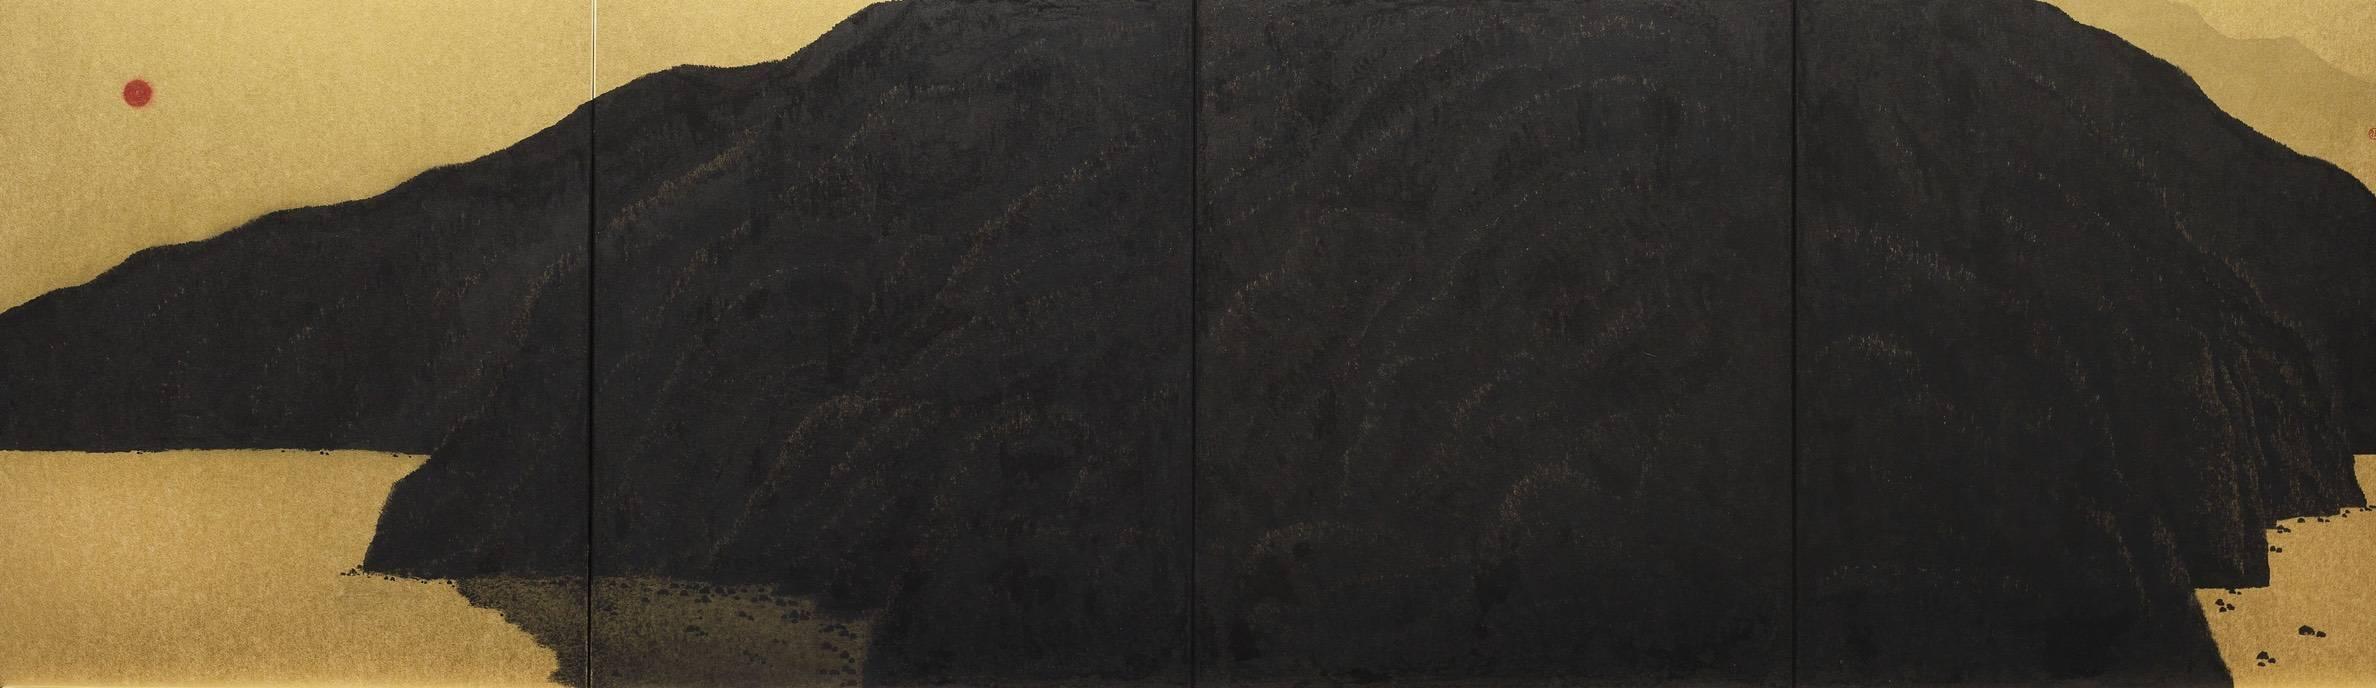 陳仕航,金秋,水墨、紙,52.8x183.2cm,2018年。